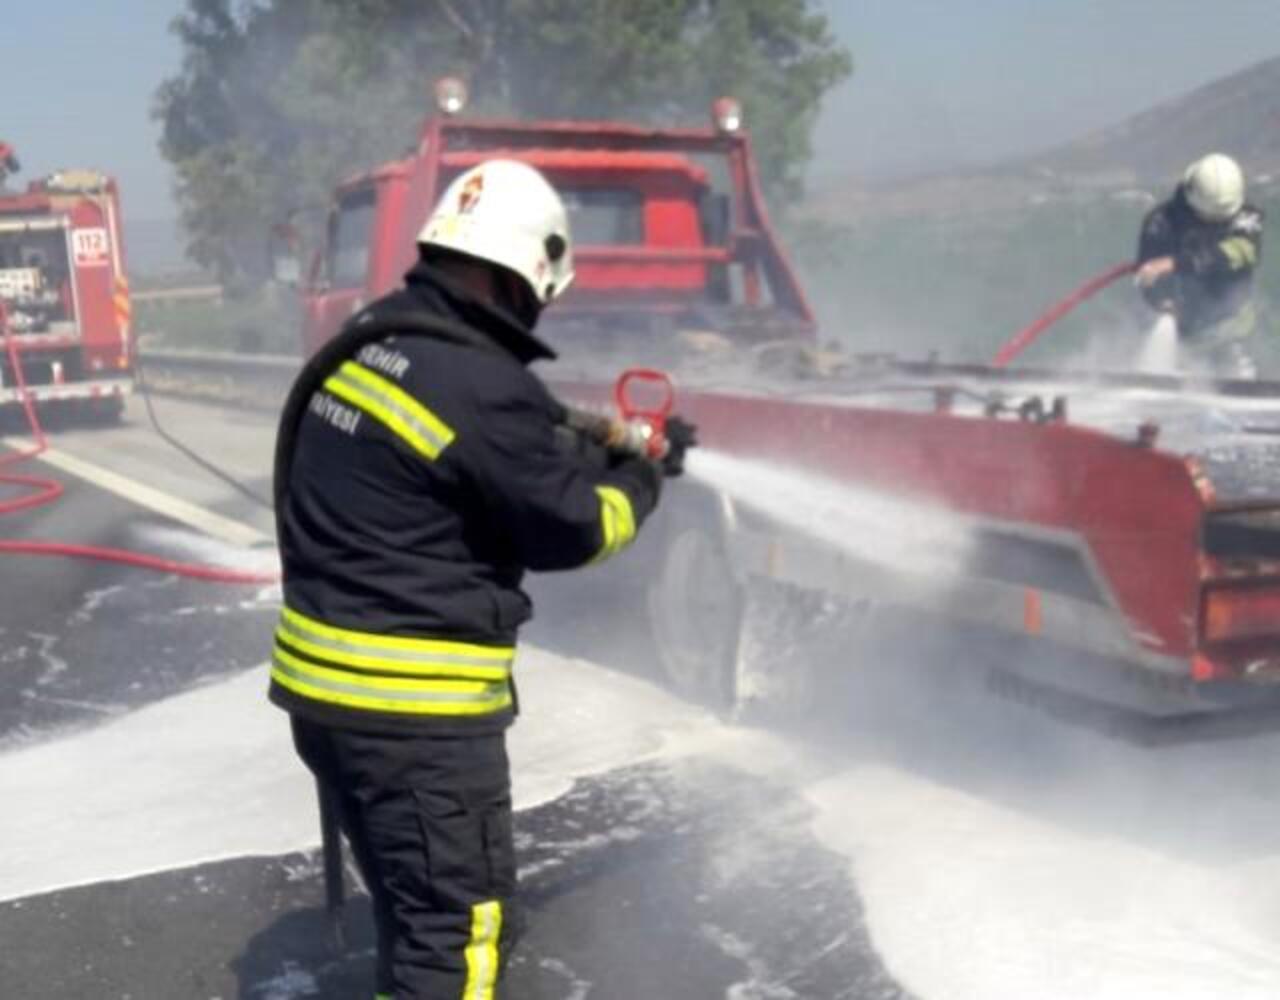 Aydın'da seyir halindeki oto kurtarma aracı alev aldı